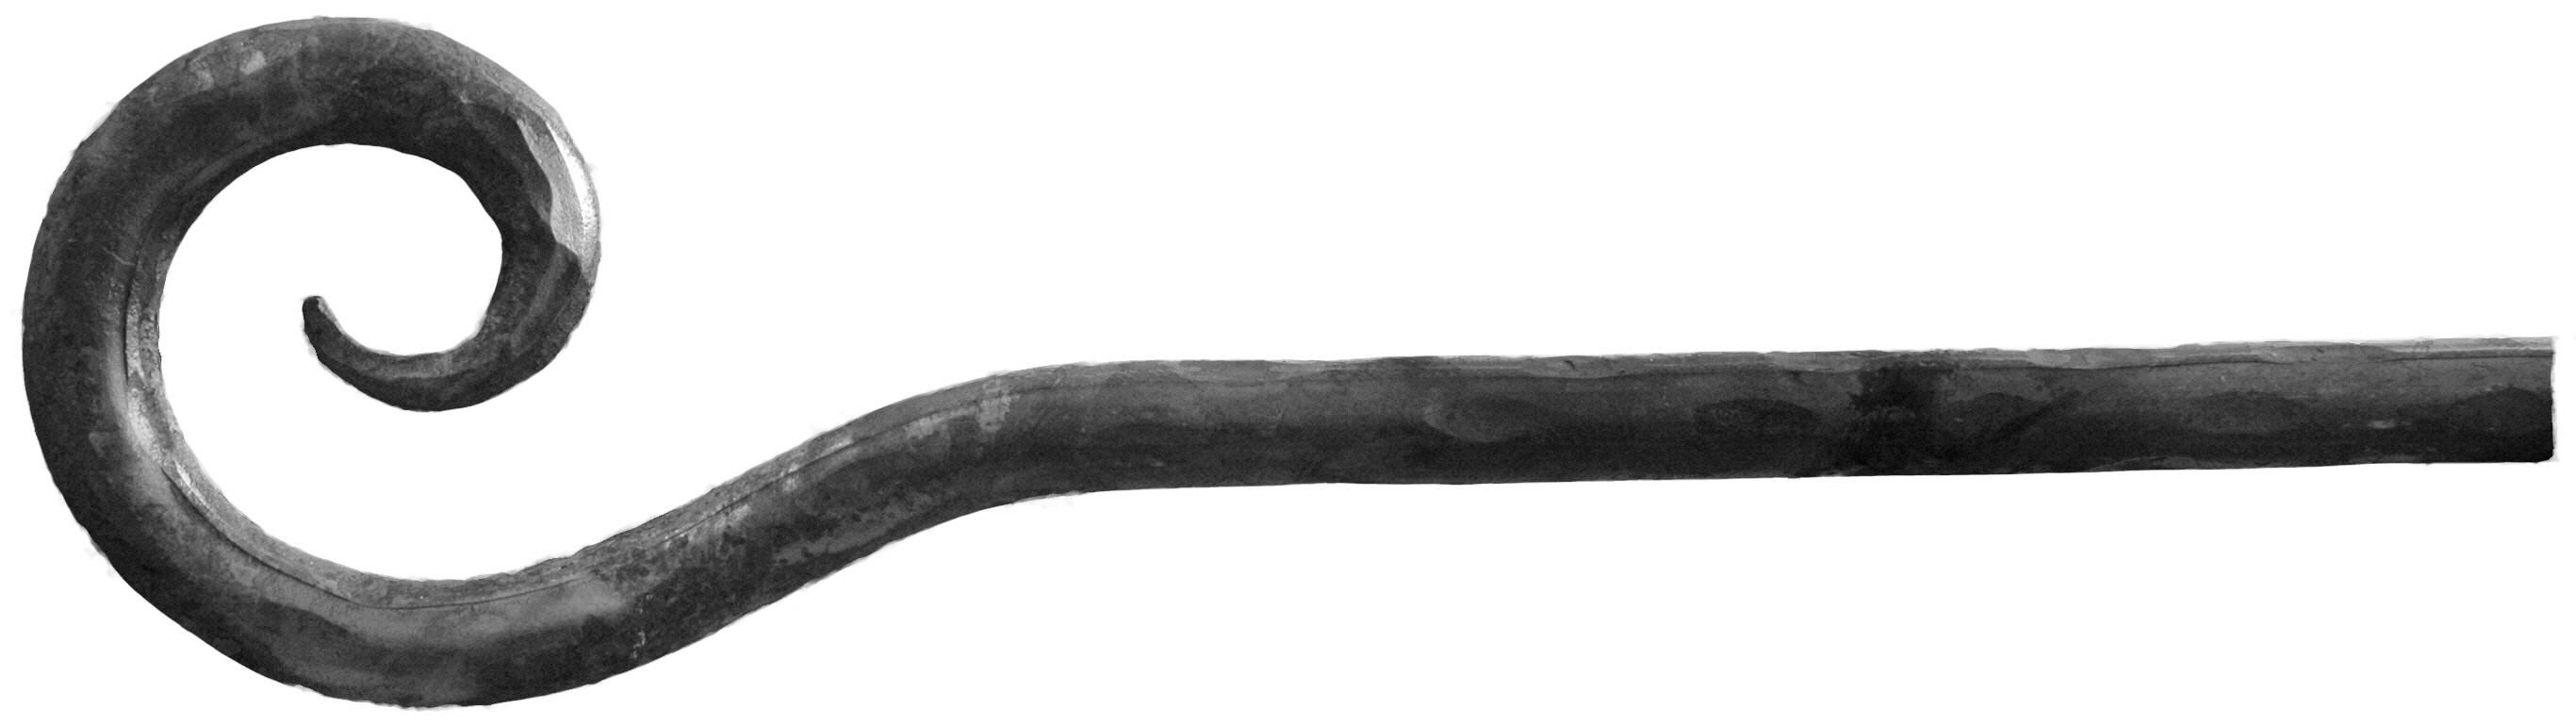 Tringle à rideaux - Longueur 1500mm